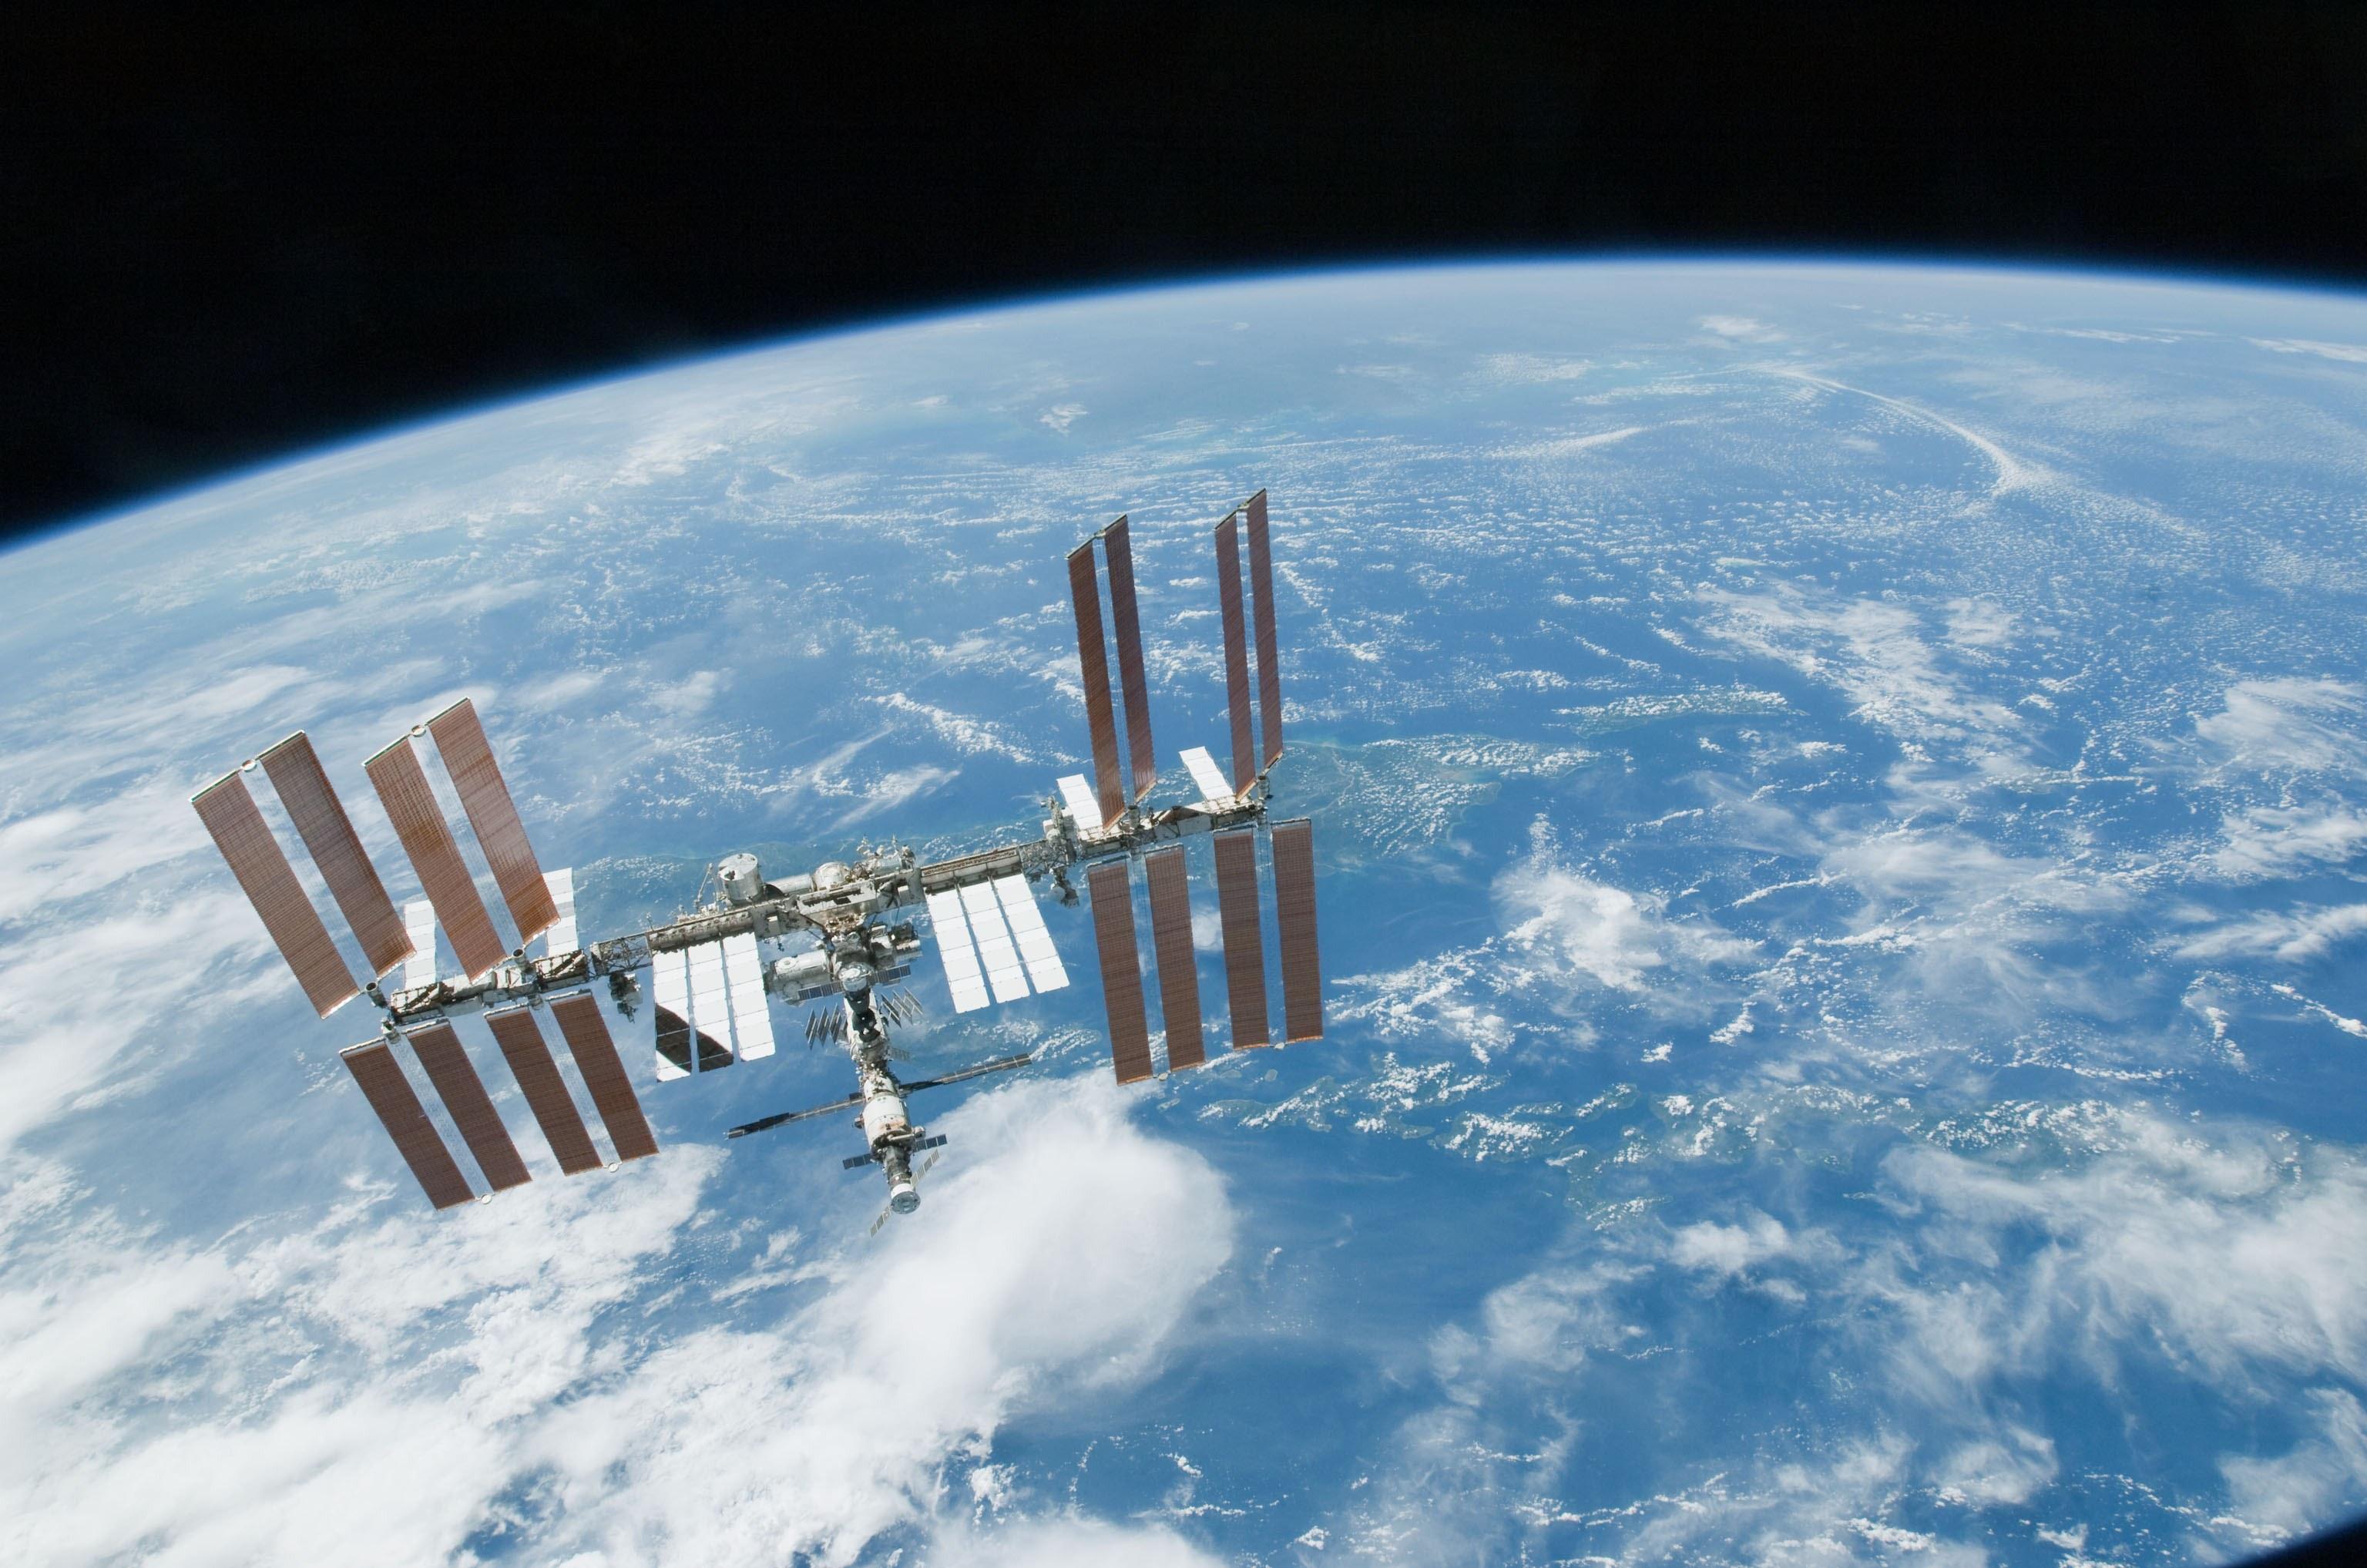 Экипажи 58/59 длительной экспедиции на МКС начнут подготовку на Байконуре